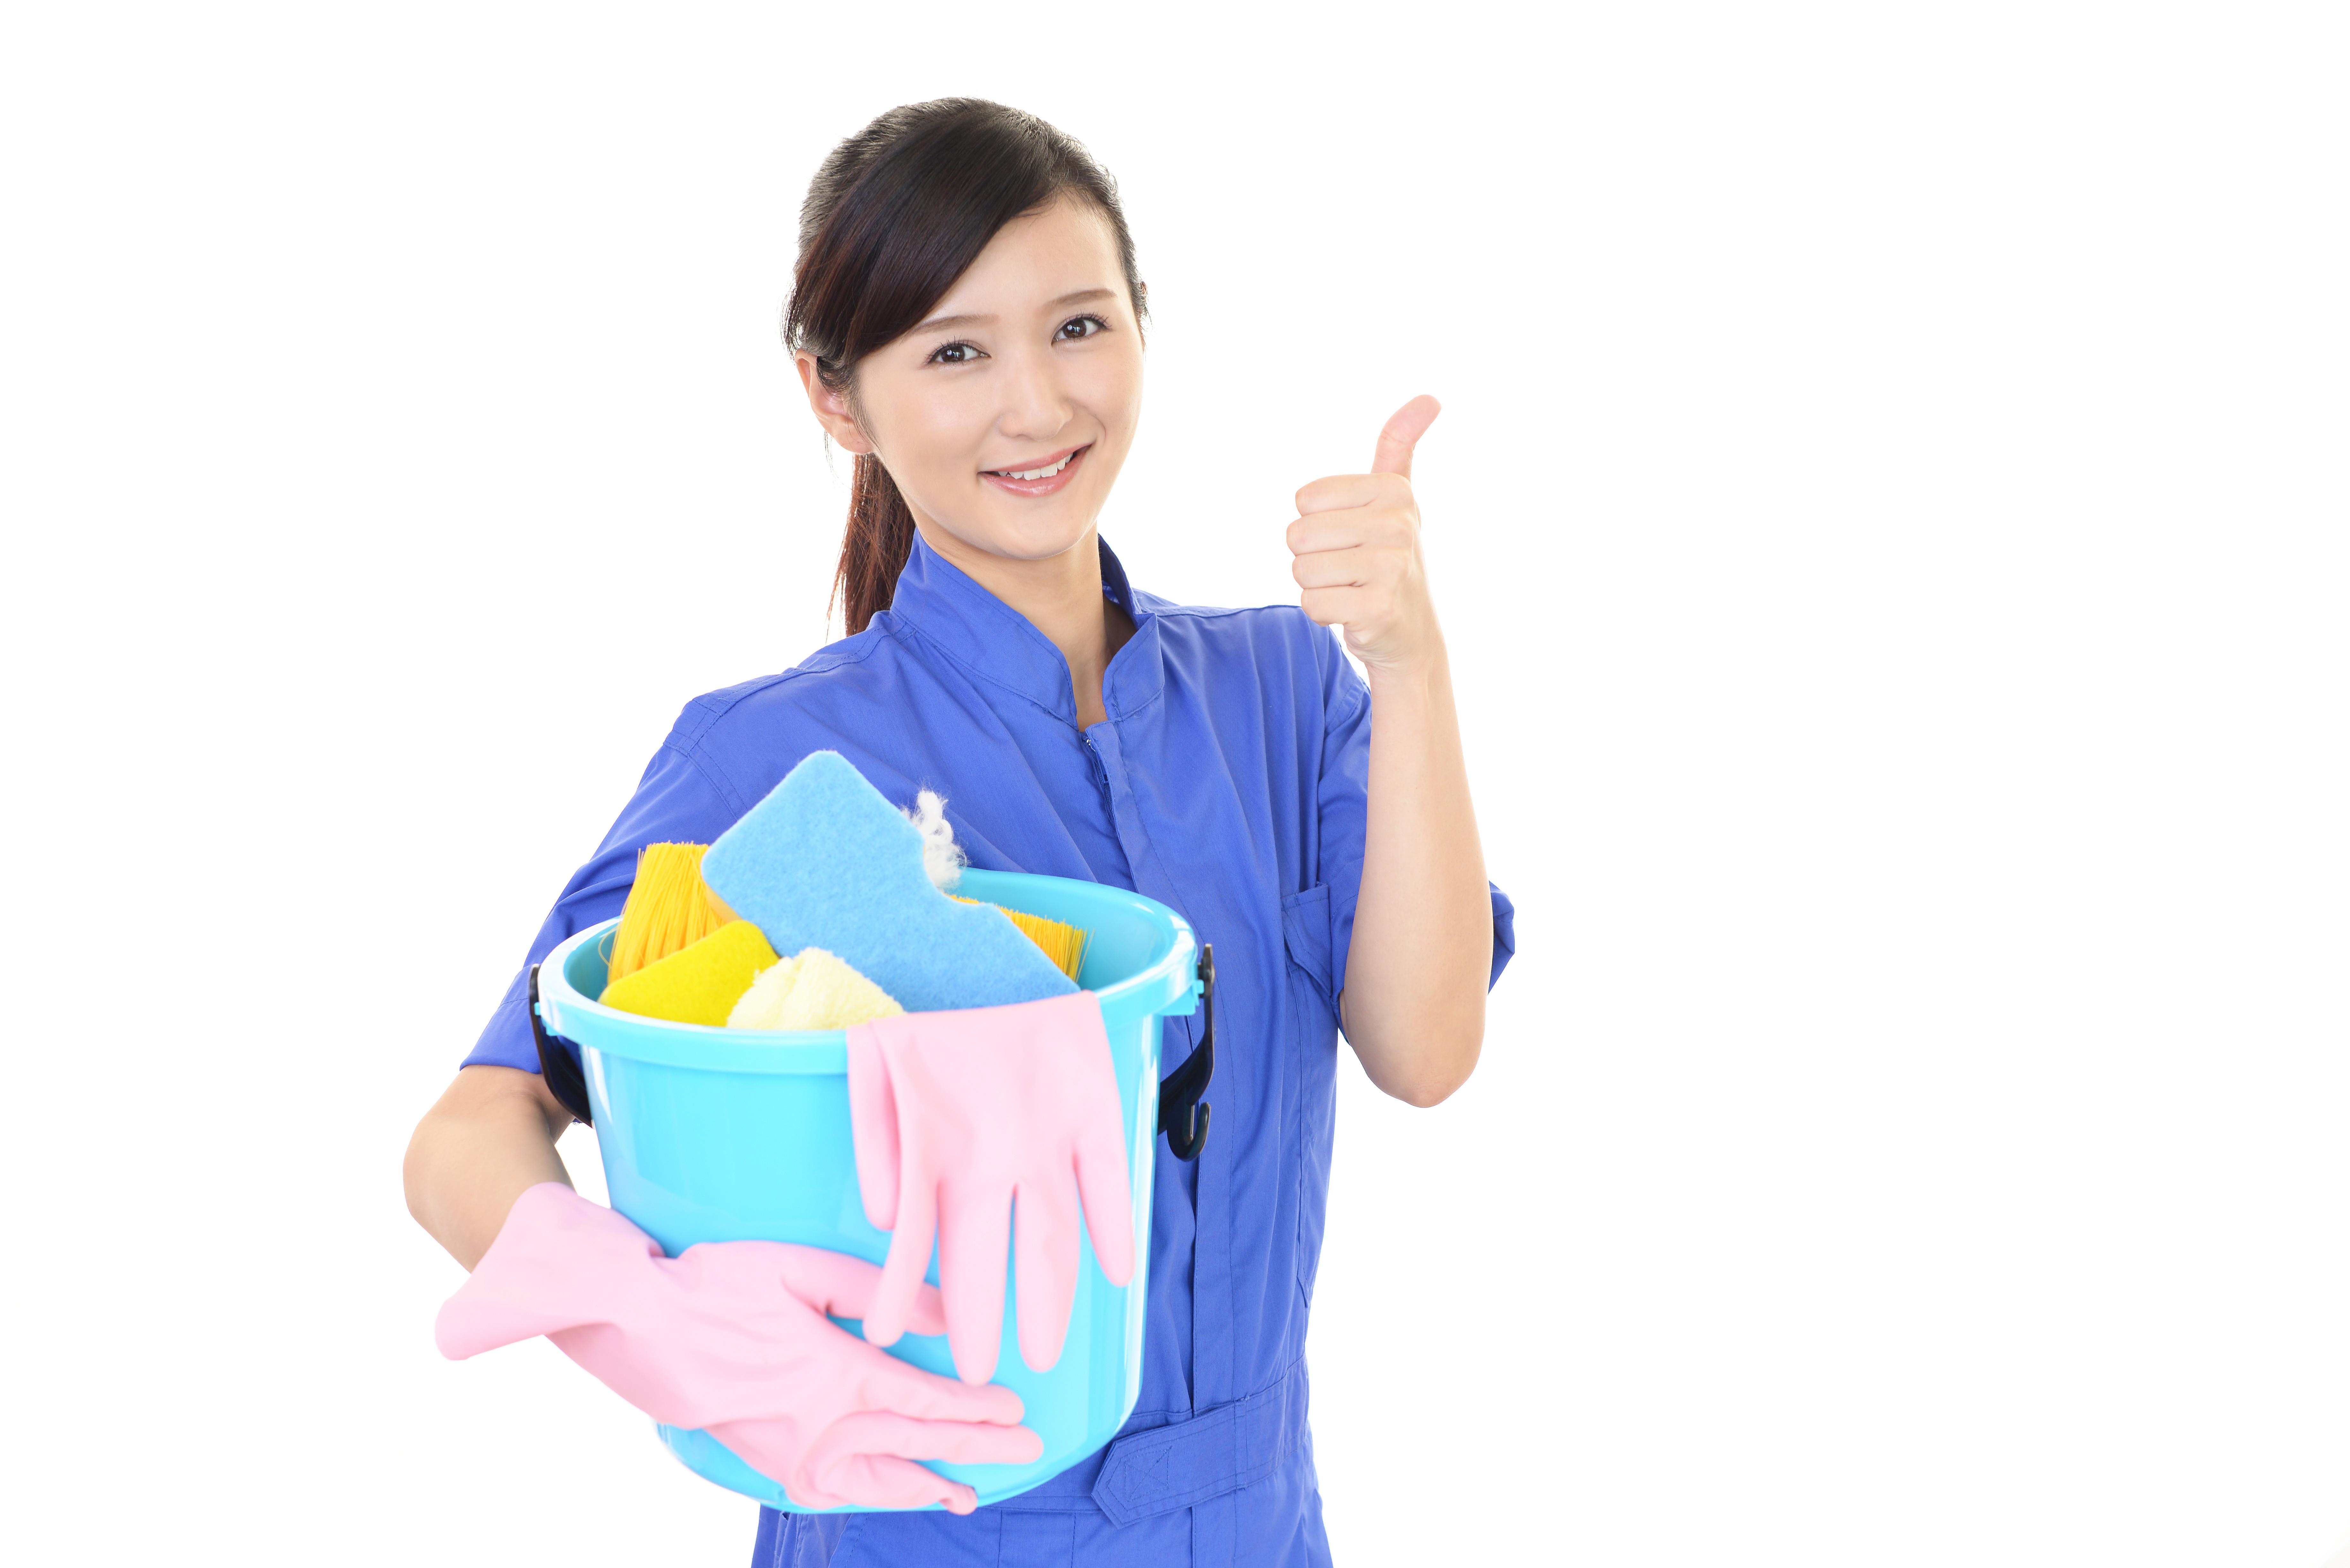 清掃スタッフ 大阪市西区エリア 共同産業株式会社 のアルバイト情報